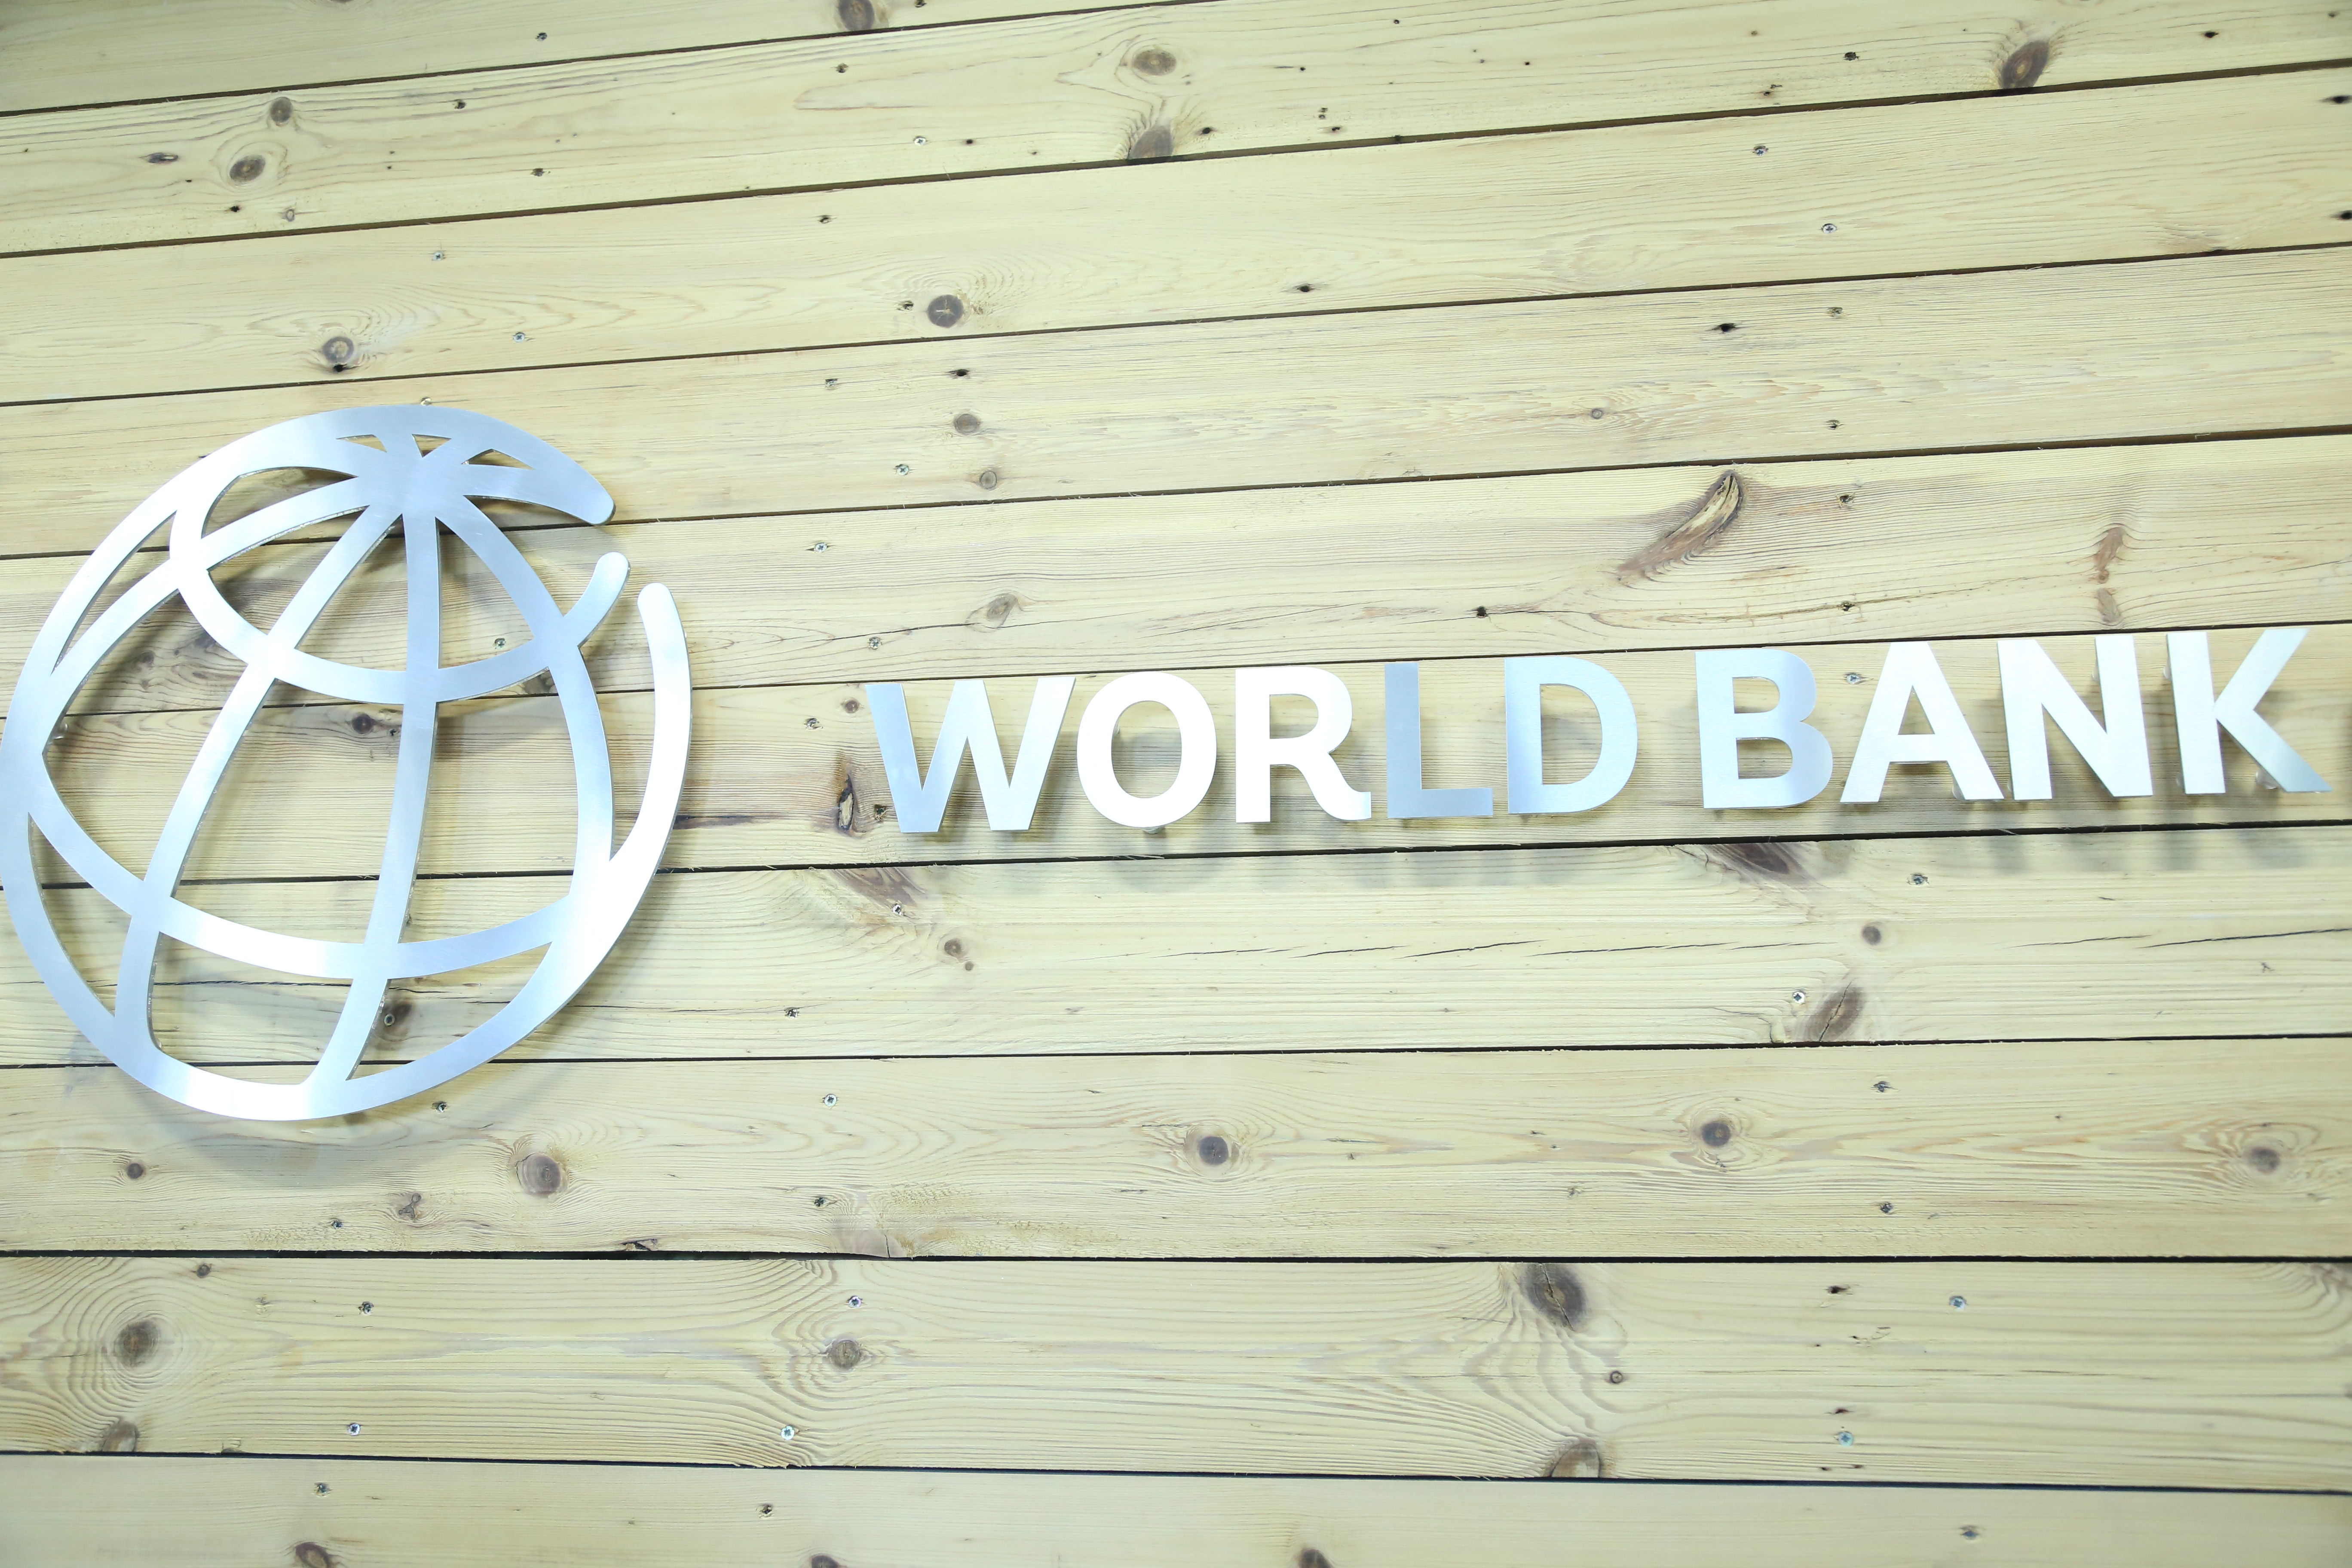 Премиерът присъства на откриването на Логистичния център на Световната банка за споделени услуги, в който ще работят над 300 квалифицирани специалисти. Гост беше управляващият и административен директор на Групата на Световната банка Шаолин Янг.